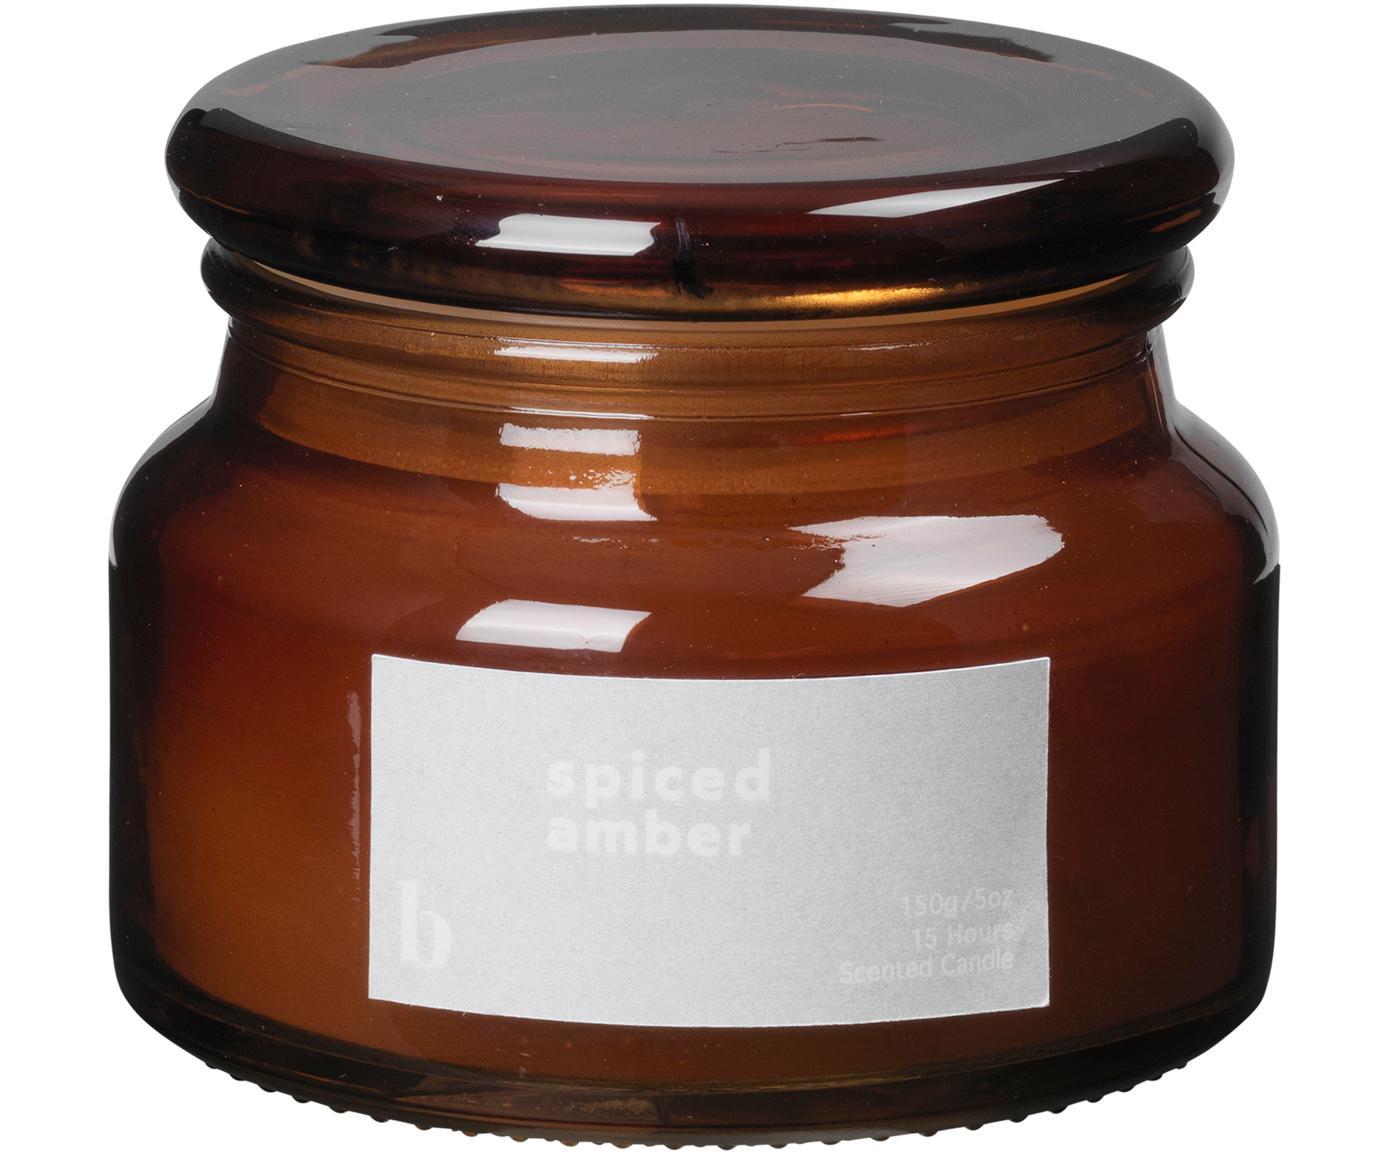 Vela perfumada Spiced Amber, Recipiente: vidrio, Marrón, Ø 10 x Al 8 cm